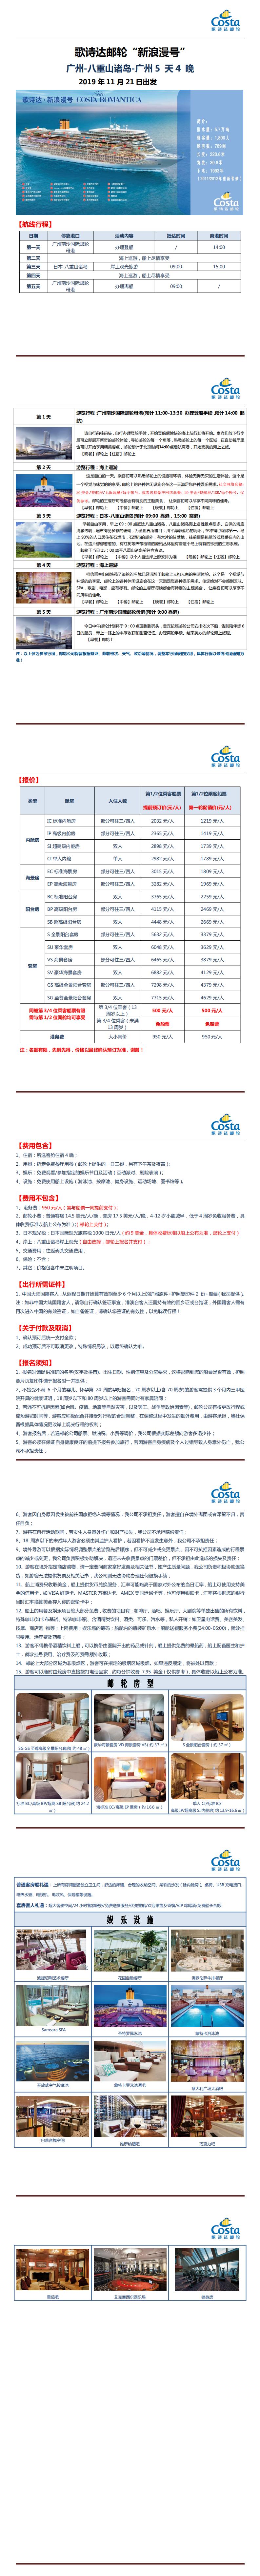 """2019.11.21  歌诗达邮轮""""新浪漫号""""广州-八重山诸岛-广州5天4晚(20190801版本)_0.png"""